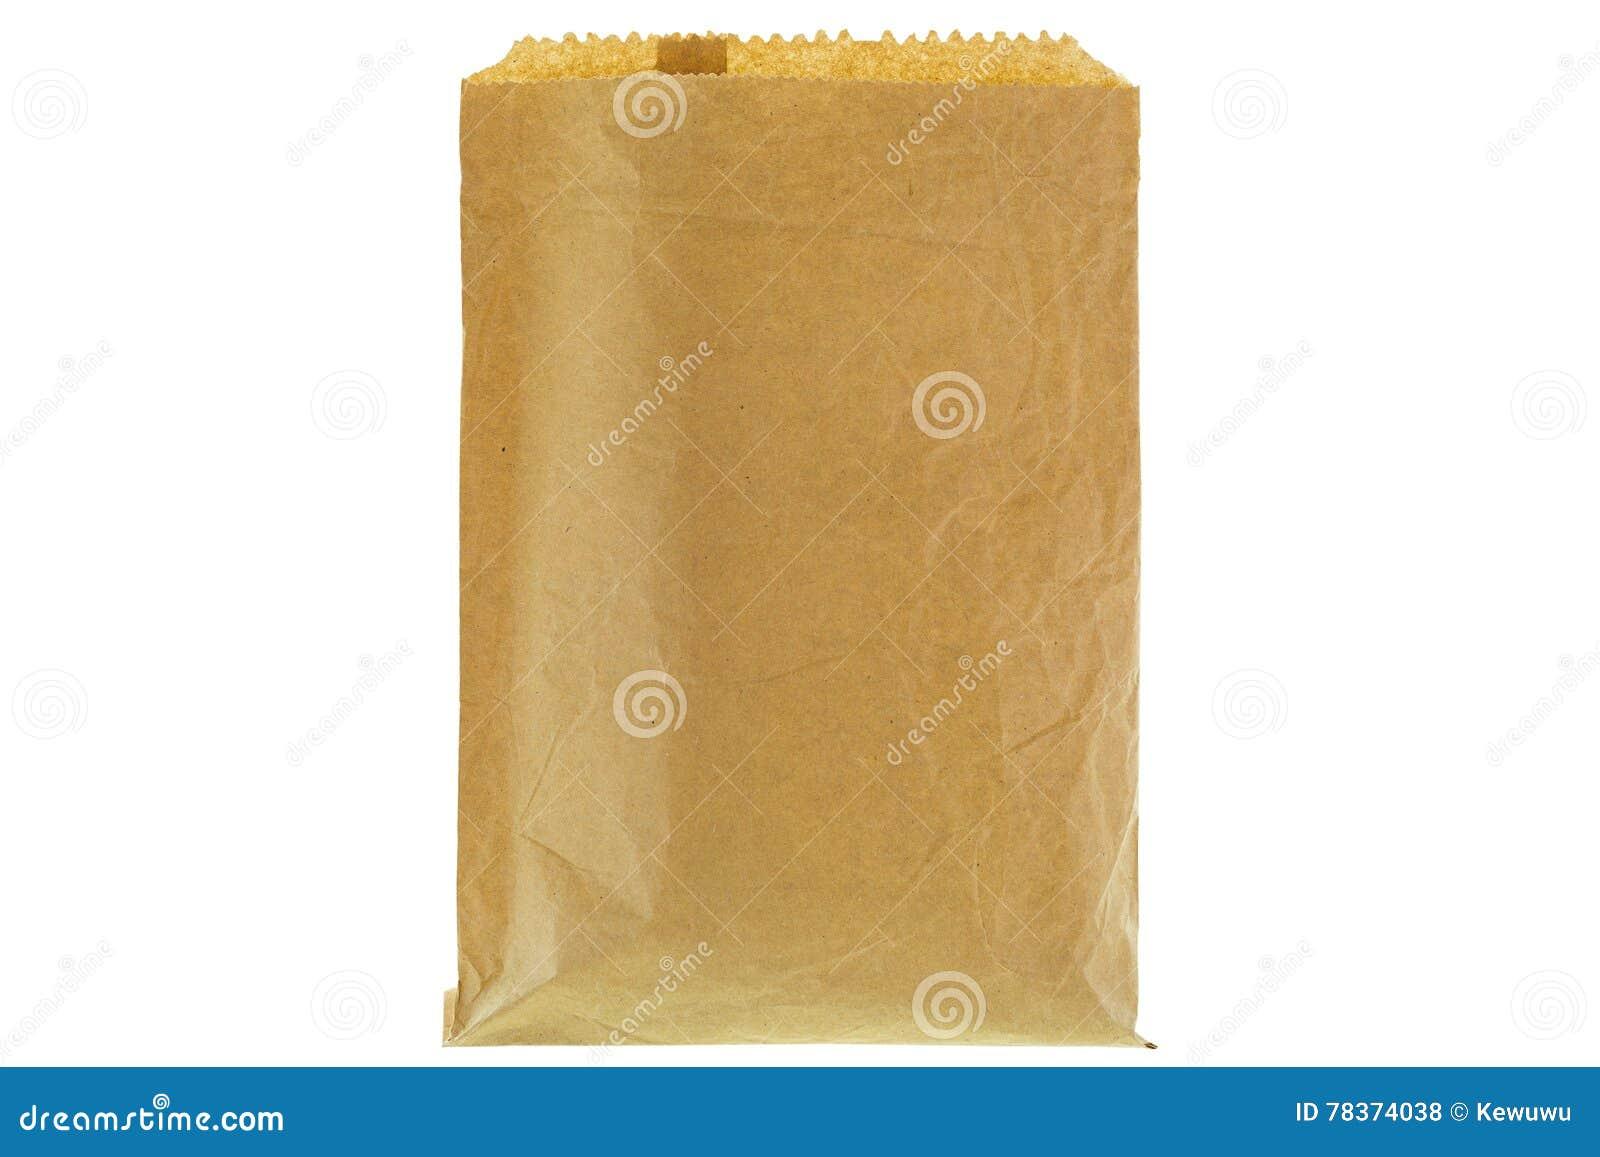 Primo piano del sacco di carta della drogheria marrone sottile rugosa, anteriore in bianco e